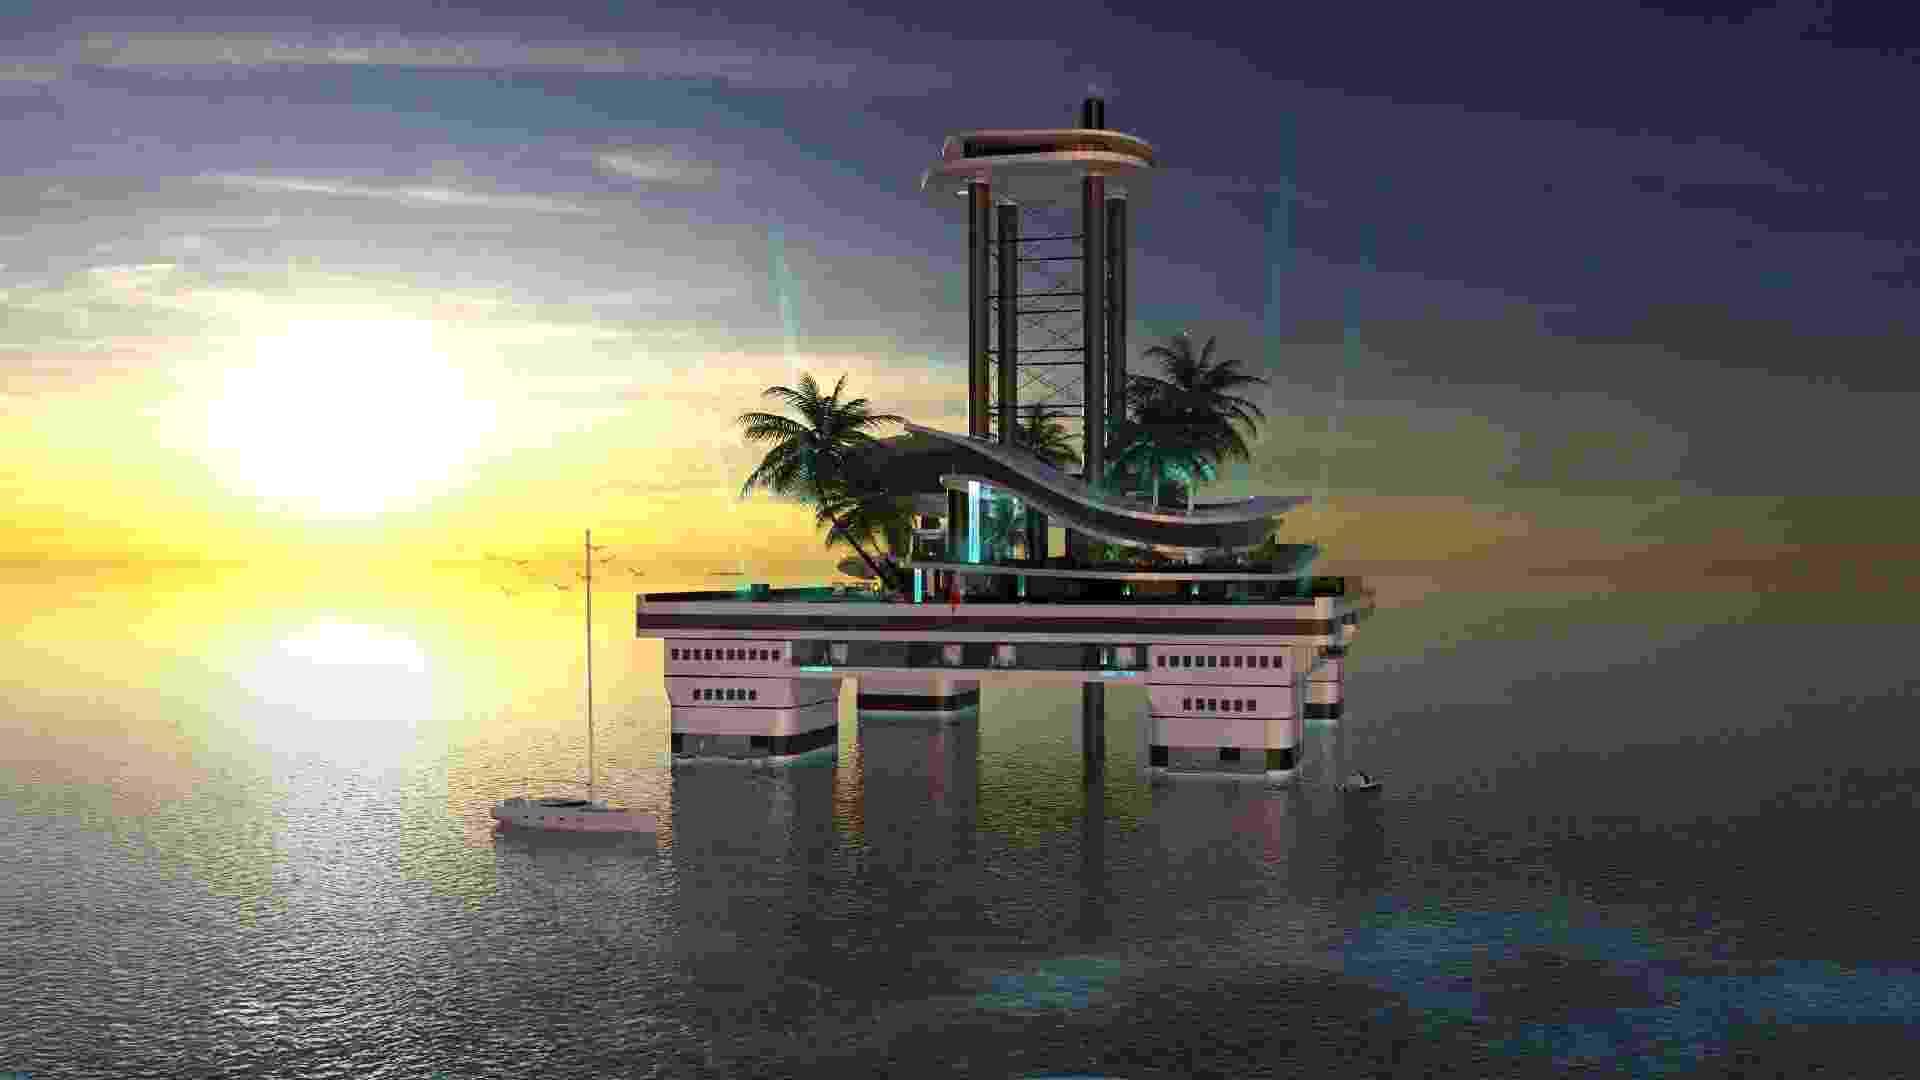 As acomodações da cobertura são dos donos da ilha e contam com dois elevadores privados. Nos demais andares, há quatro suítes vips e seis suítes para convidados, além dos decks da tripulação e de manutenção - Divulgação